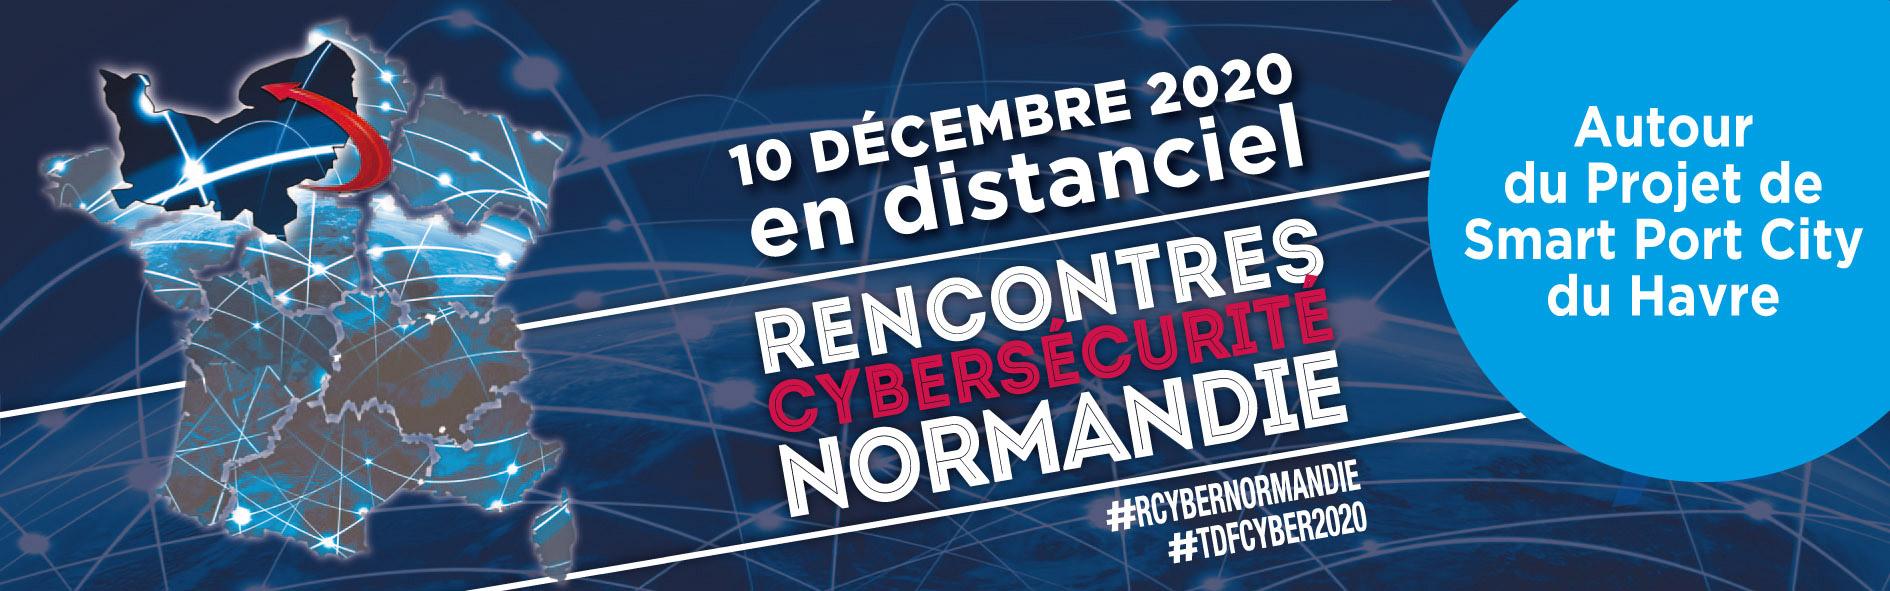 RCyber Normandie, les rencontres de la cybersécurité par Cybercercle